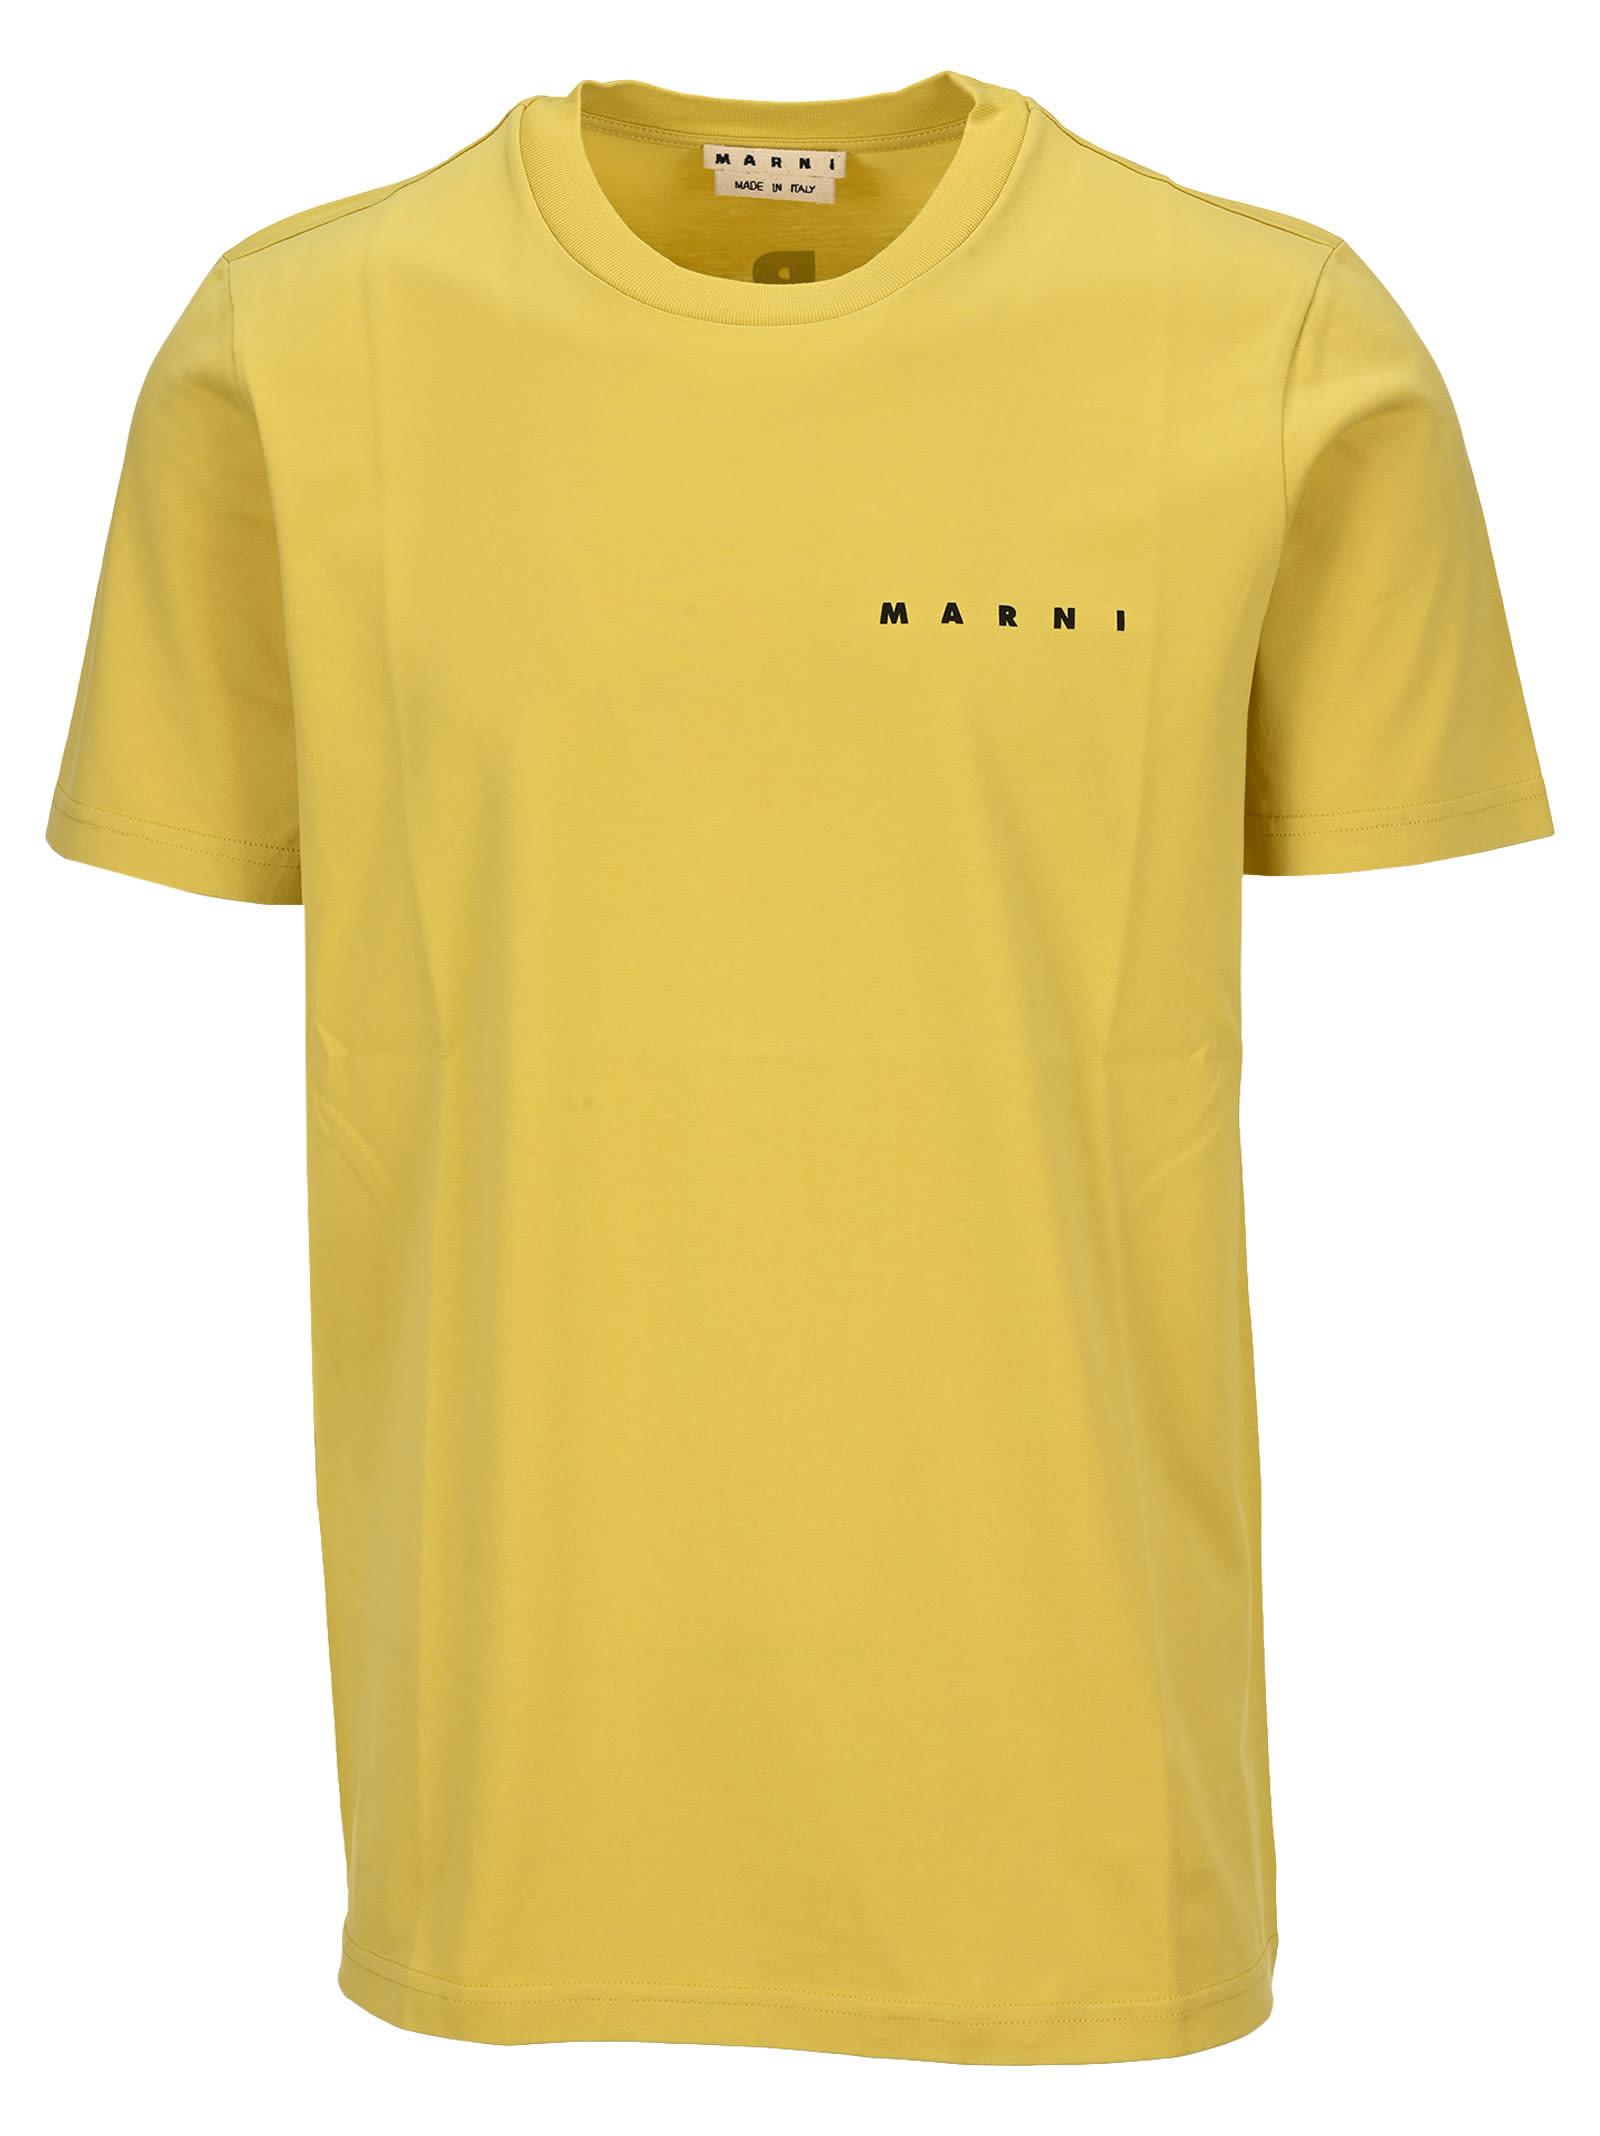 Marni Daisy T-shirt In Yellow